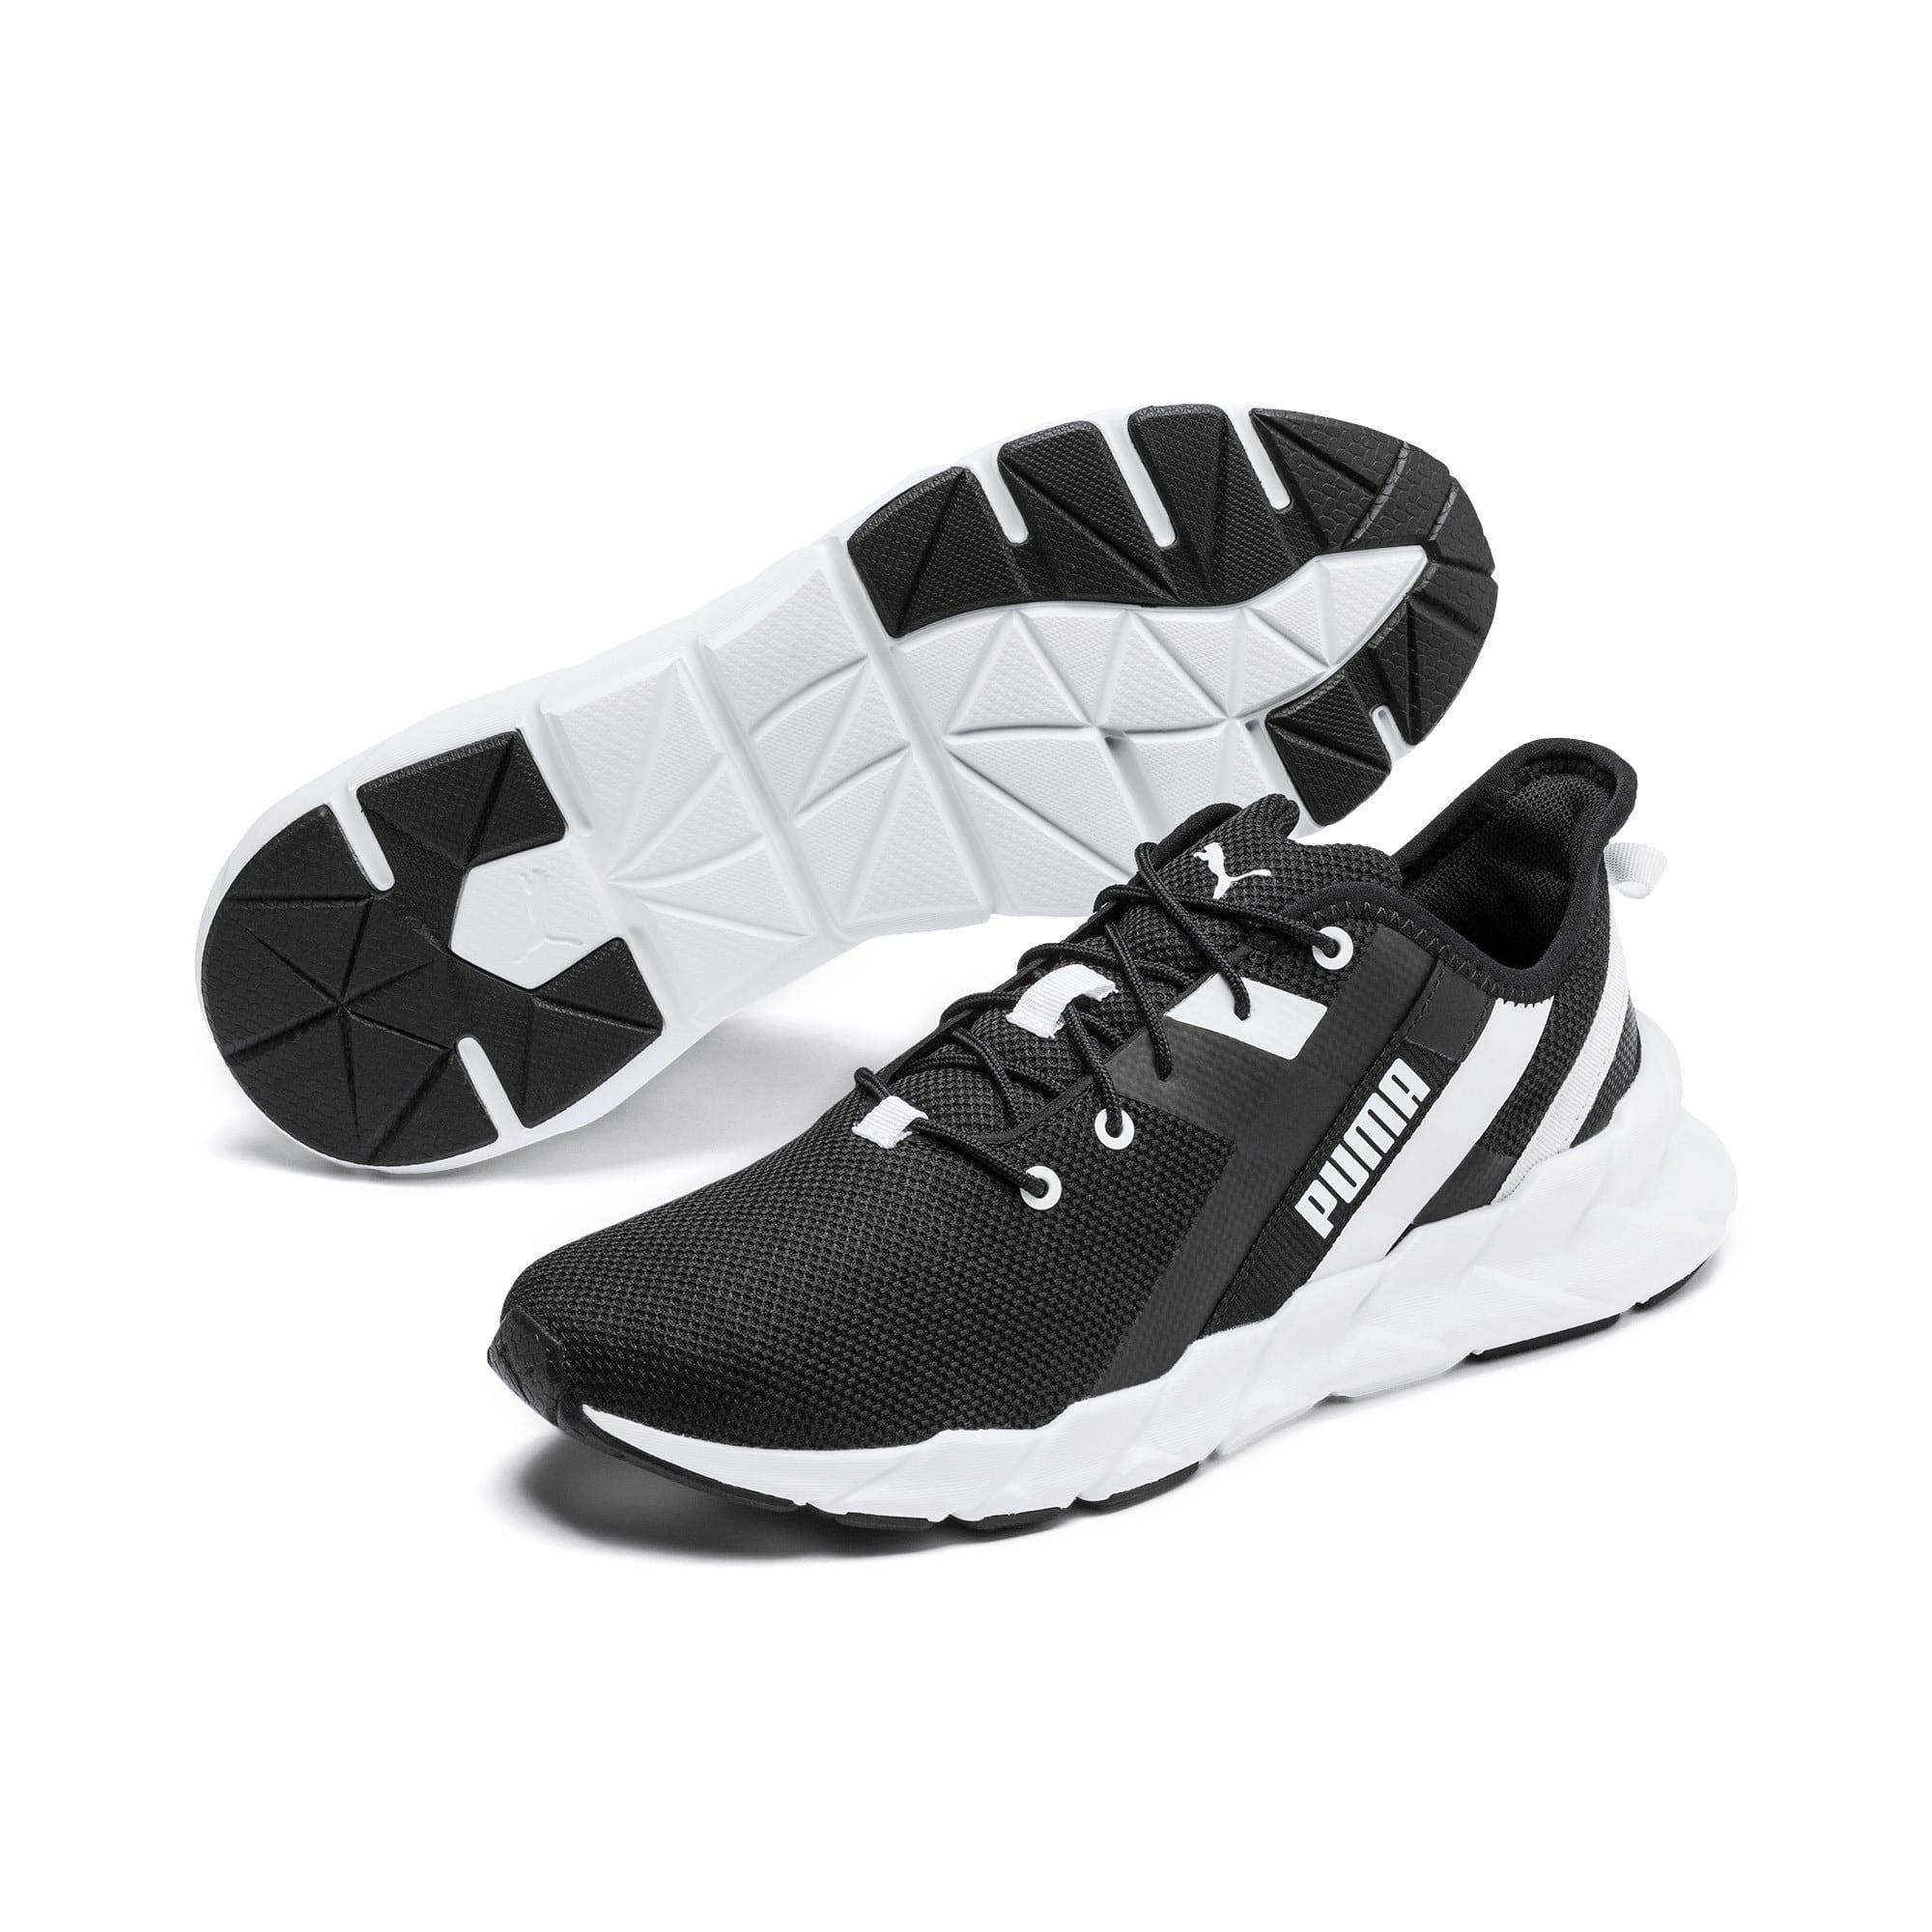 Miniatura 3 de Zapatos de entrenamiento Weave XT para mujer, Puma Black-Puma White, mediano